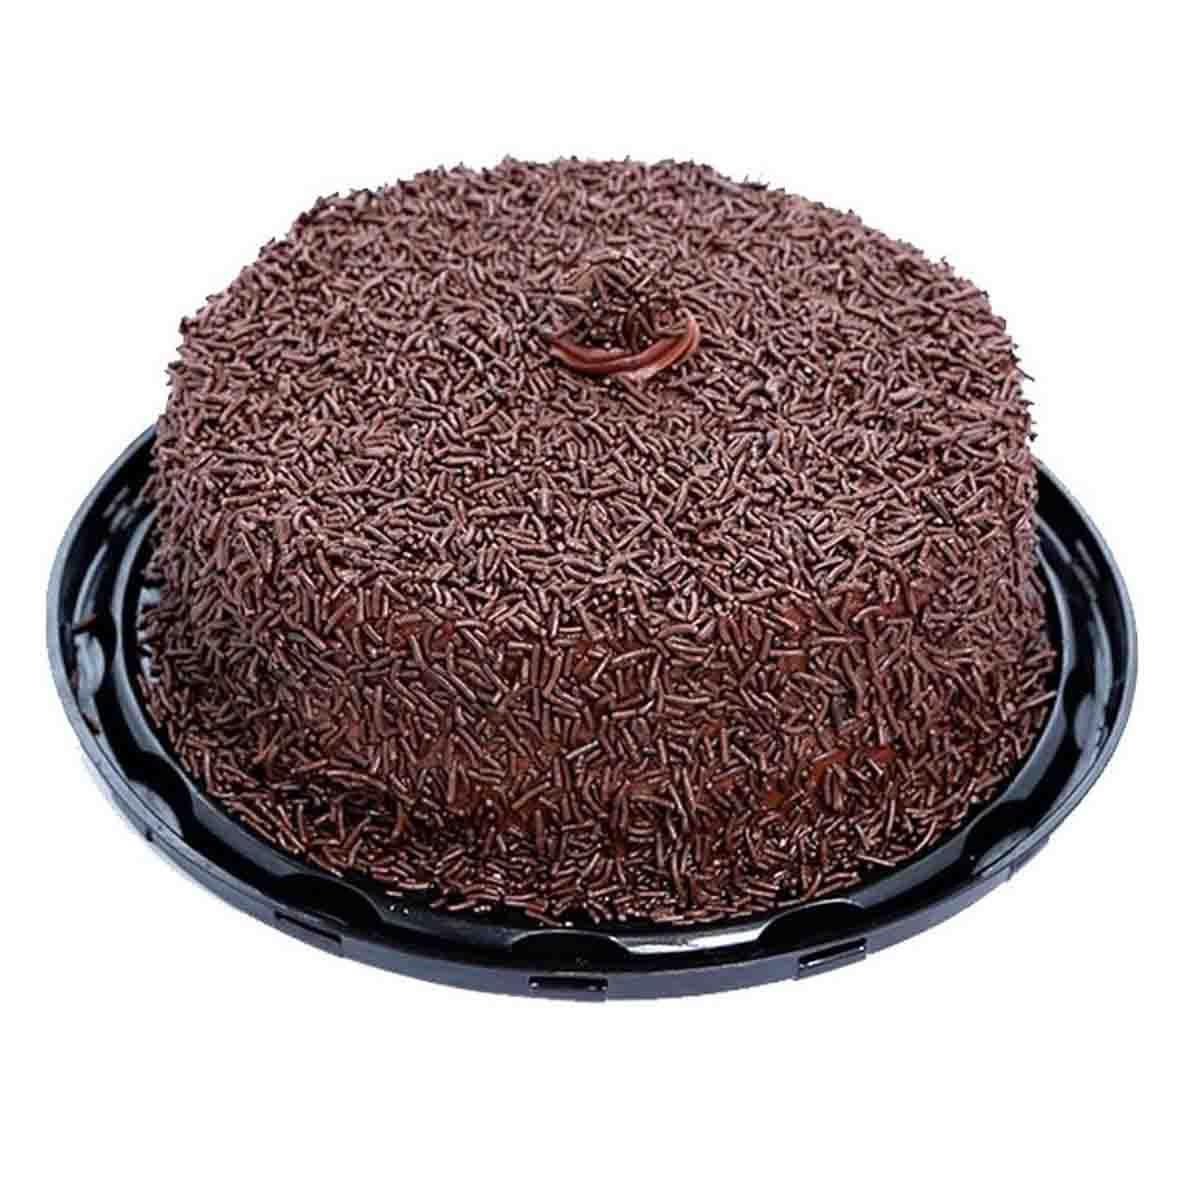 Granulado Chocolate 1,01kg PAN